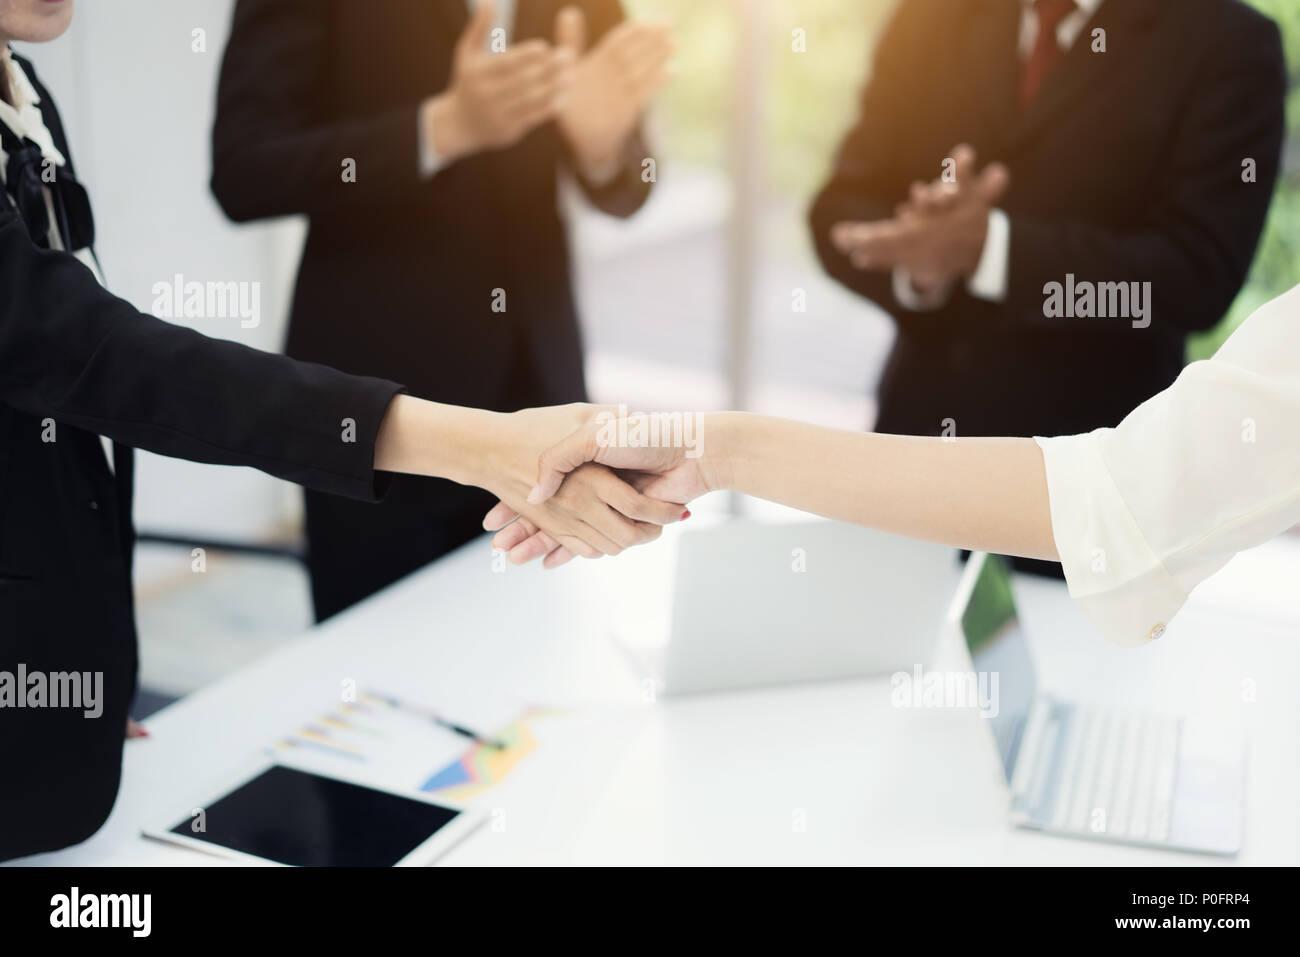 La gente di affari stringono le mani, finitura fino a una riunione per la tenuta di una trattativa con il suo partner business con il collega battete le mani per congrats. Immagini Stock